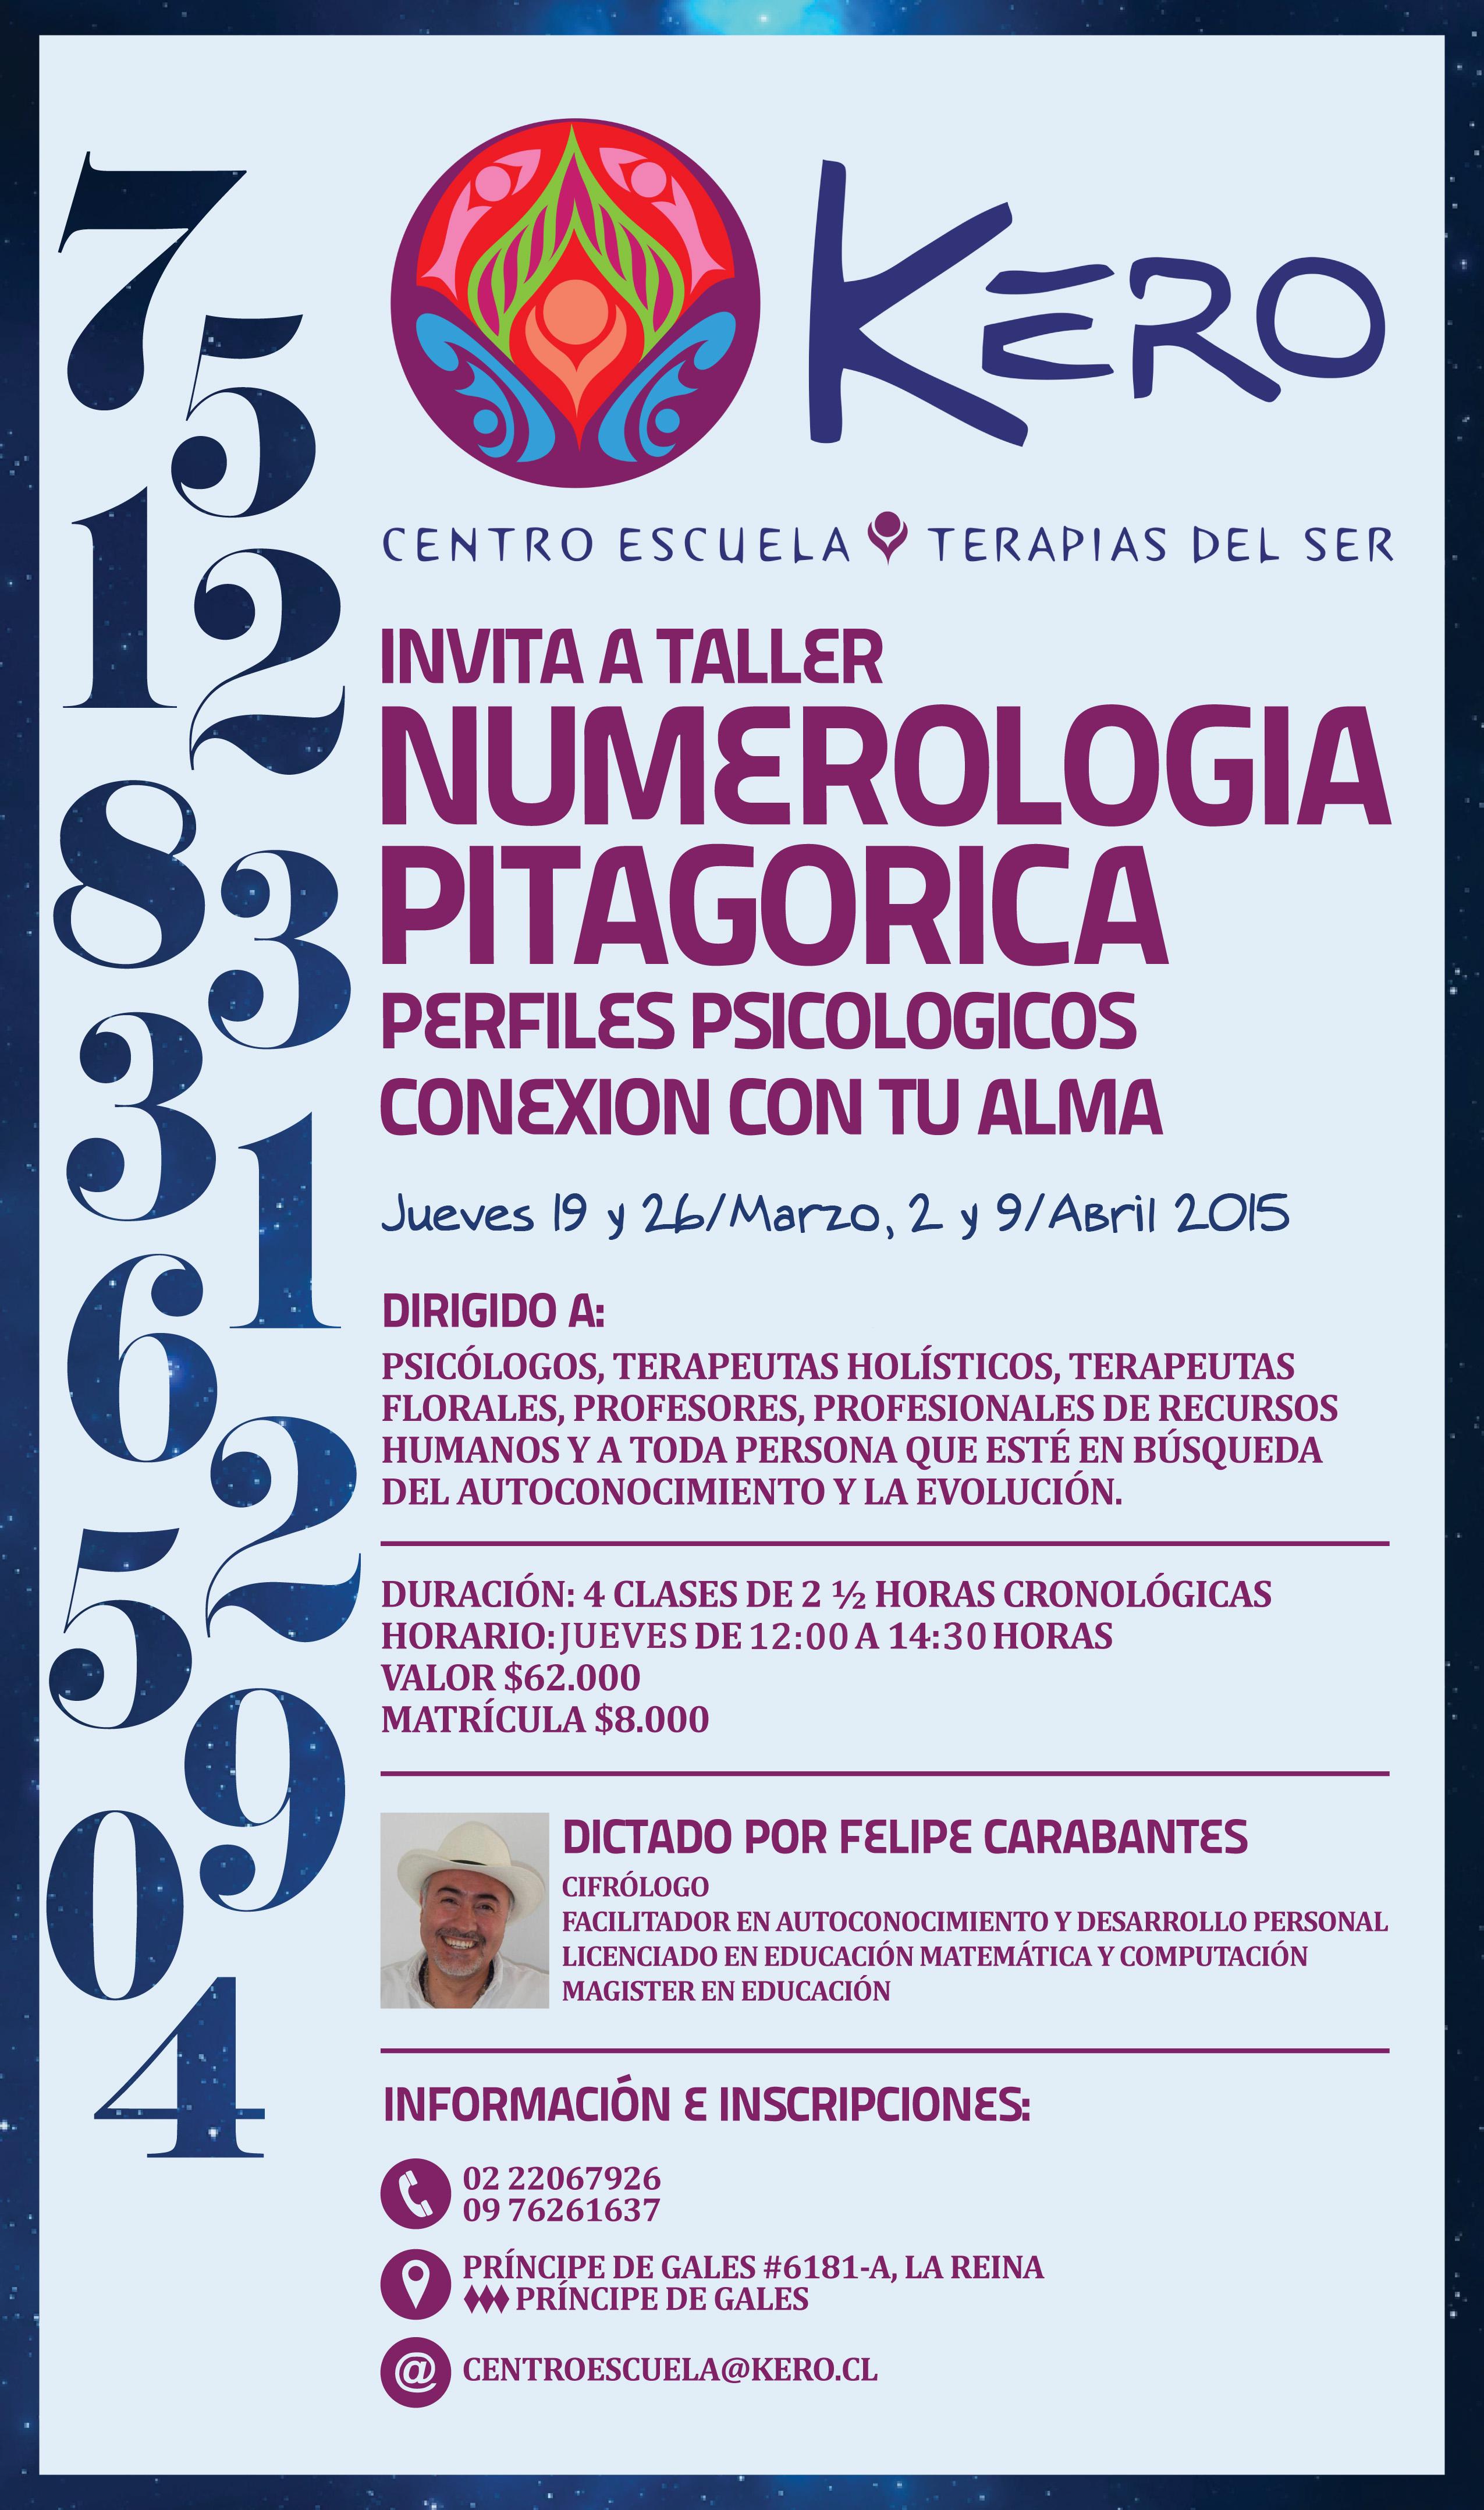 Flyer Numerología Pitagórica_texto abreviado 2